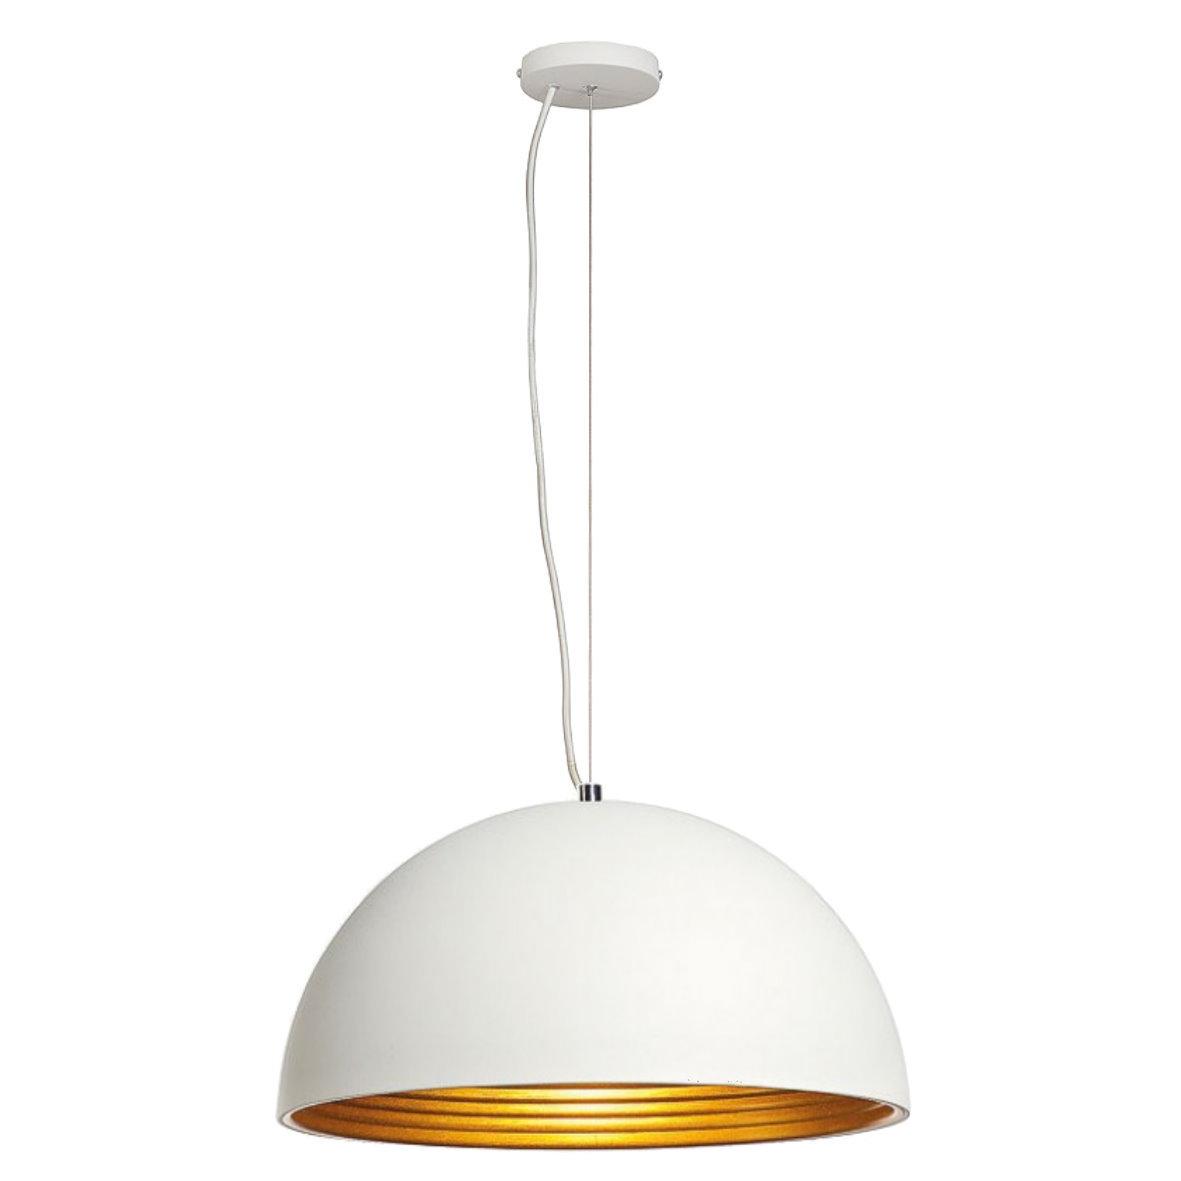 slv pendelleuchte forchini pendel leuchte h ngeleuchte pendellampe lampe 150cm ebay. Black Bedroom Furniture Sets. Home Design Ideas